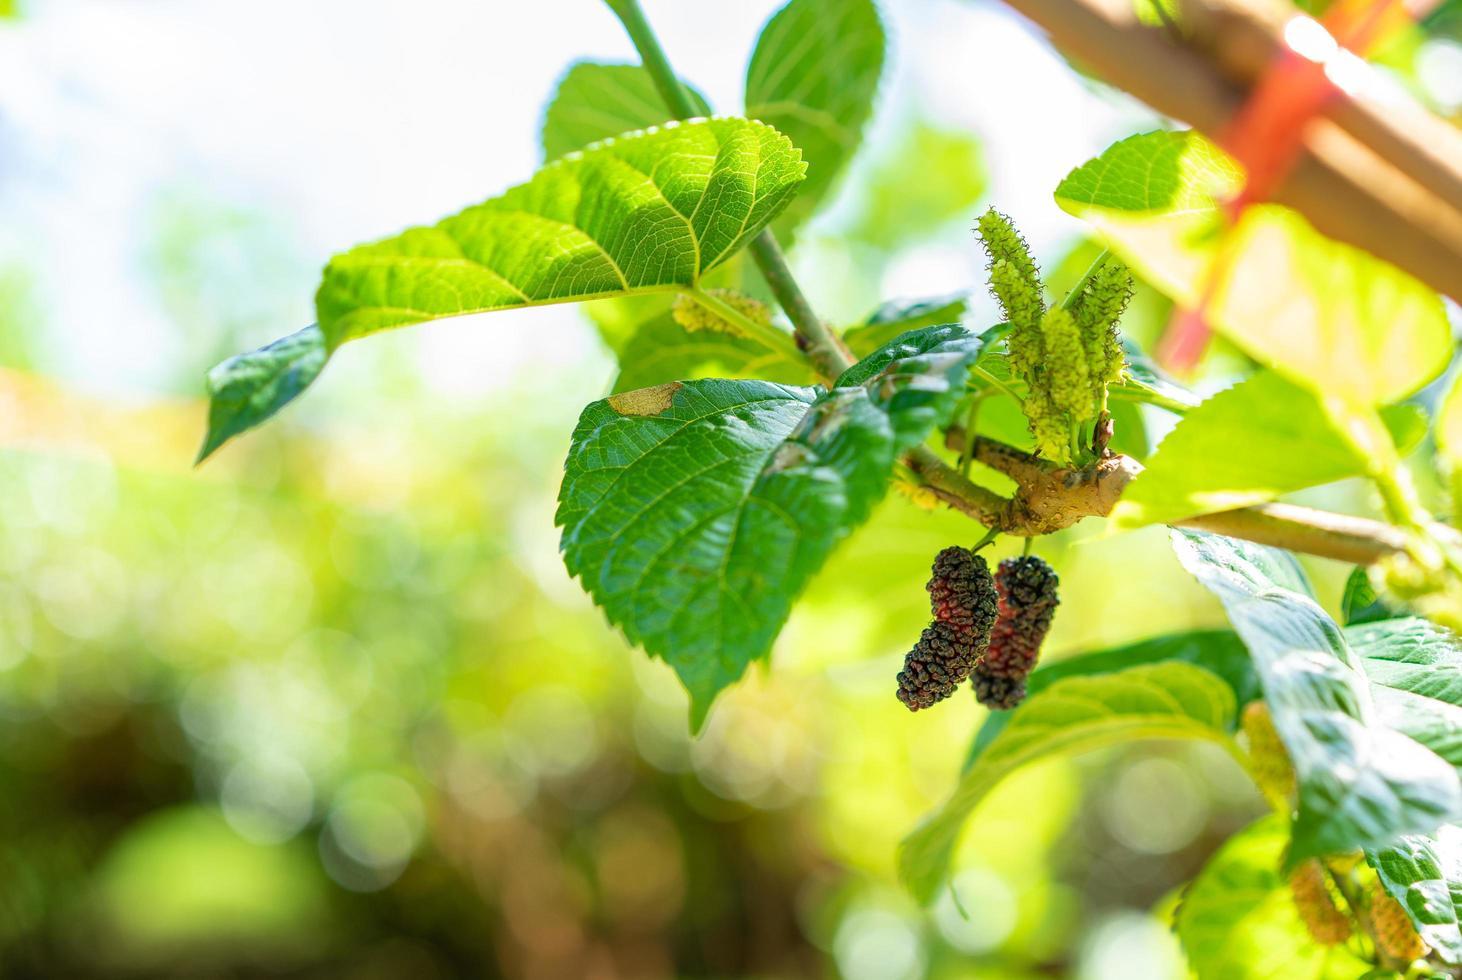 Bio-Maulbeerfrucht auf einem Baum foto